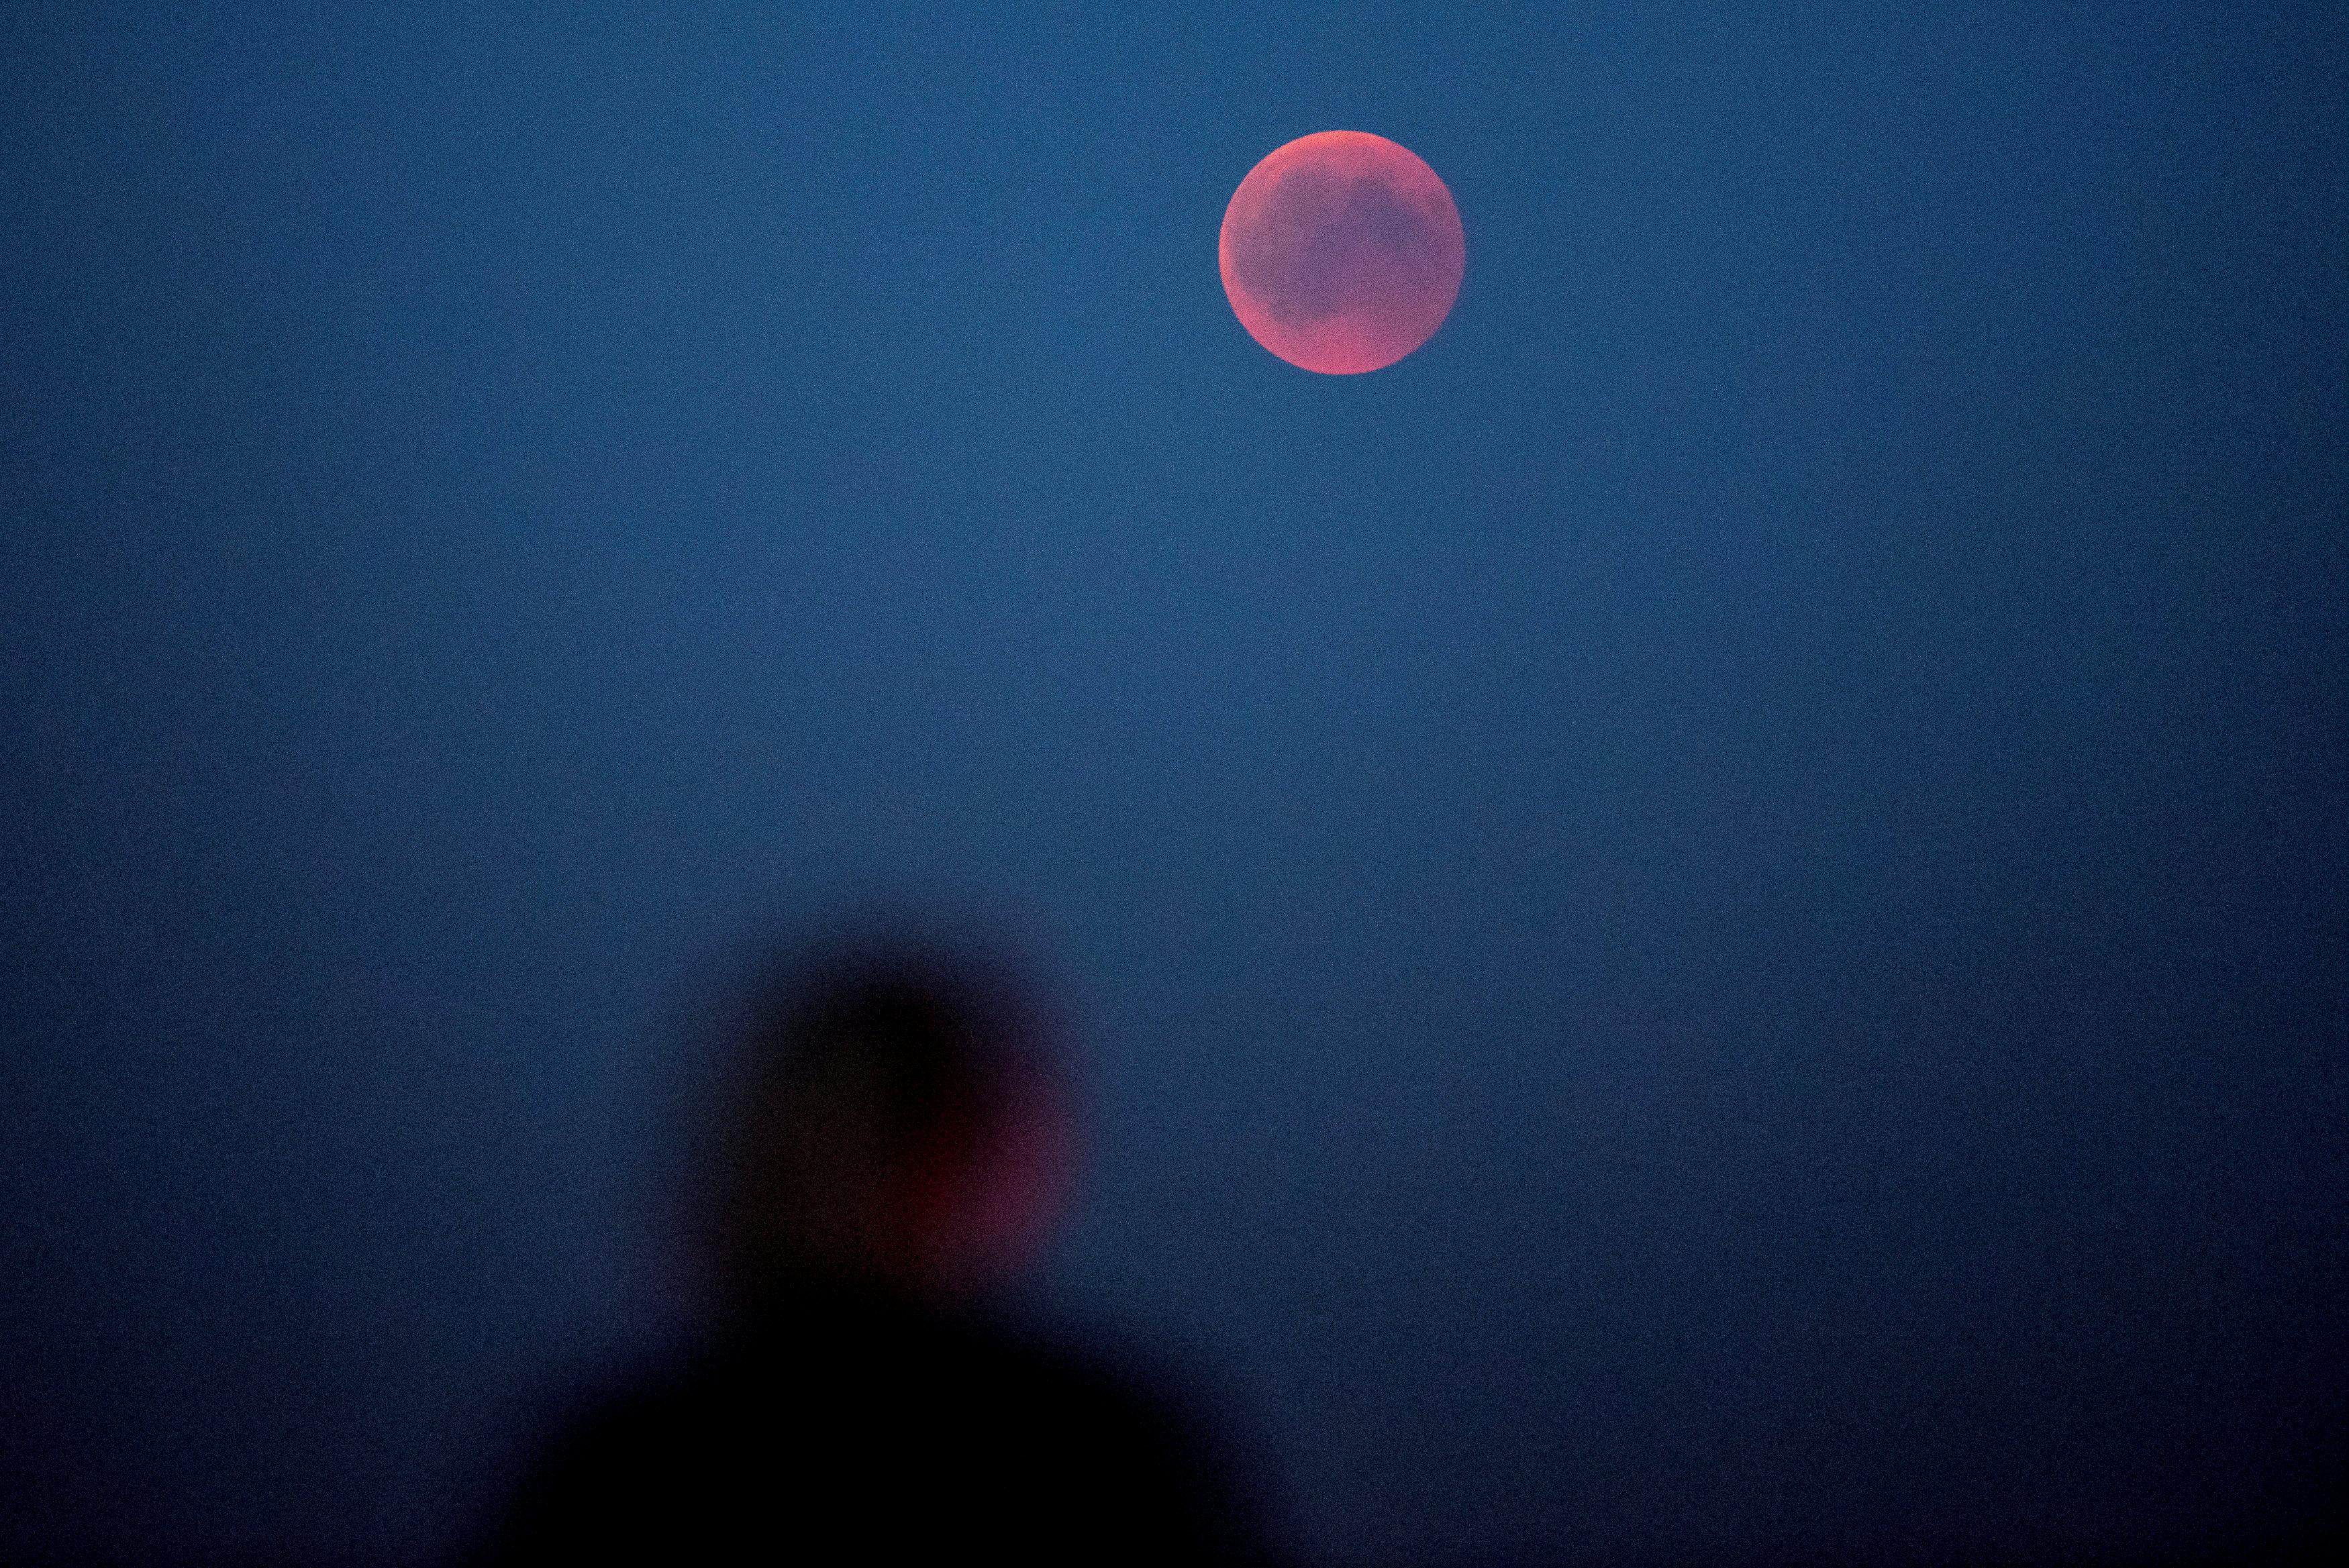 القمر فى الدنمارك